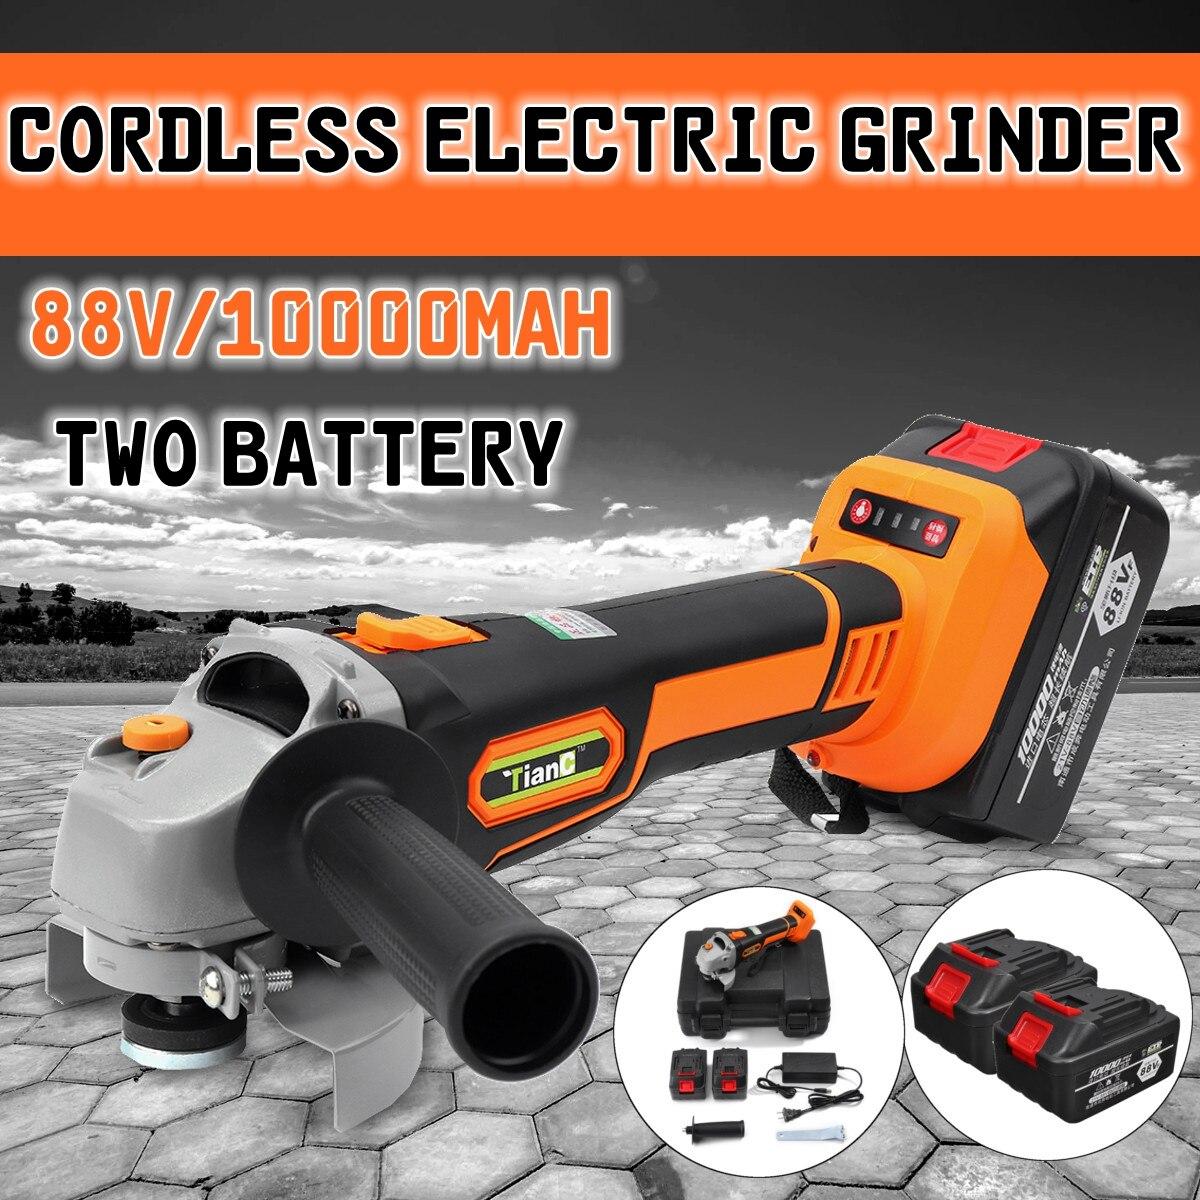 88Vf 10000 mah Elettrico Angle Grinder Lucidatrice Lucidatrice Lucidatura Macchina Utensile Da Taglio con 2 batteria per la macinazione di taglio in metallo